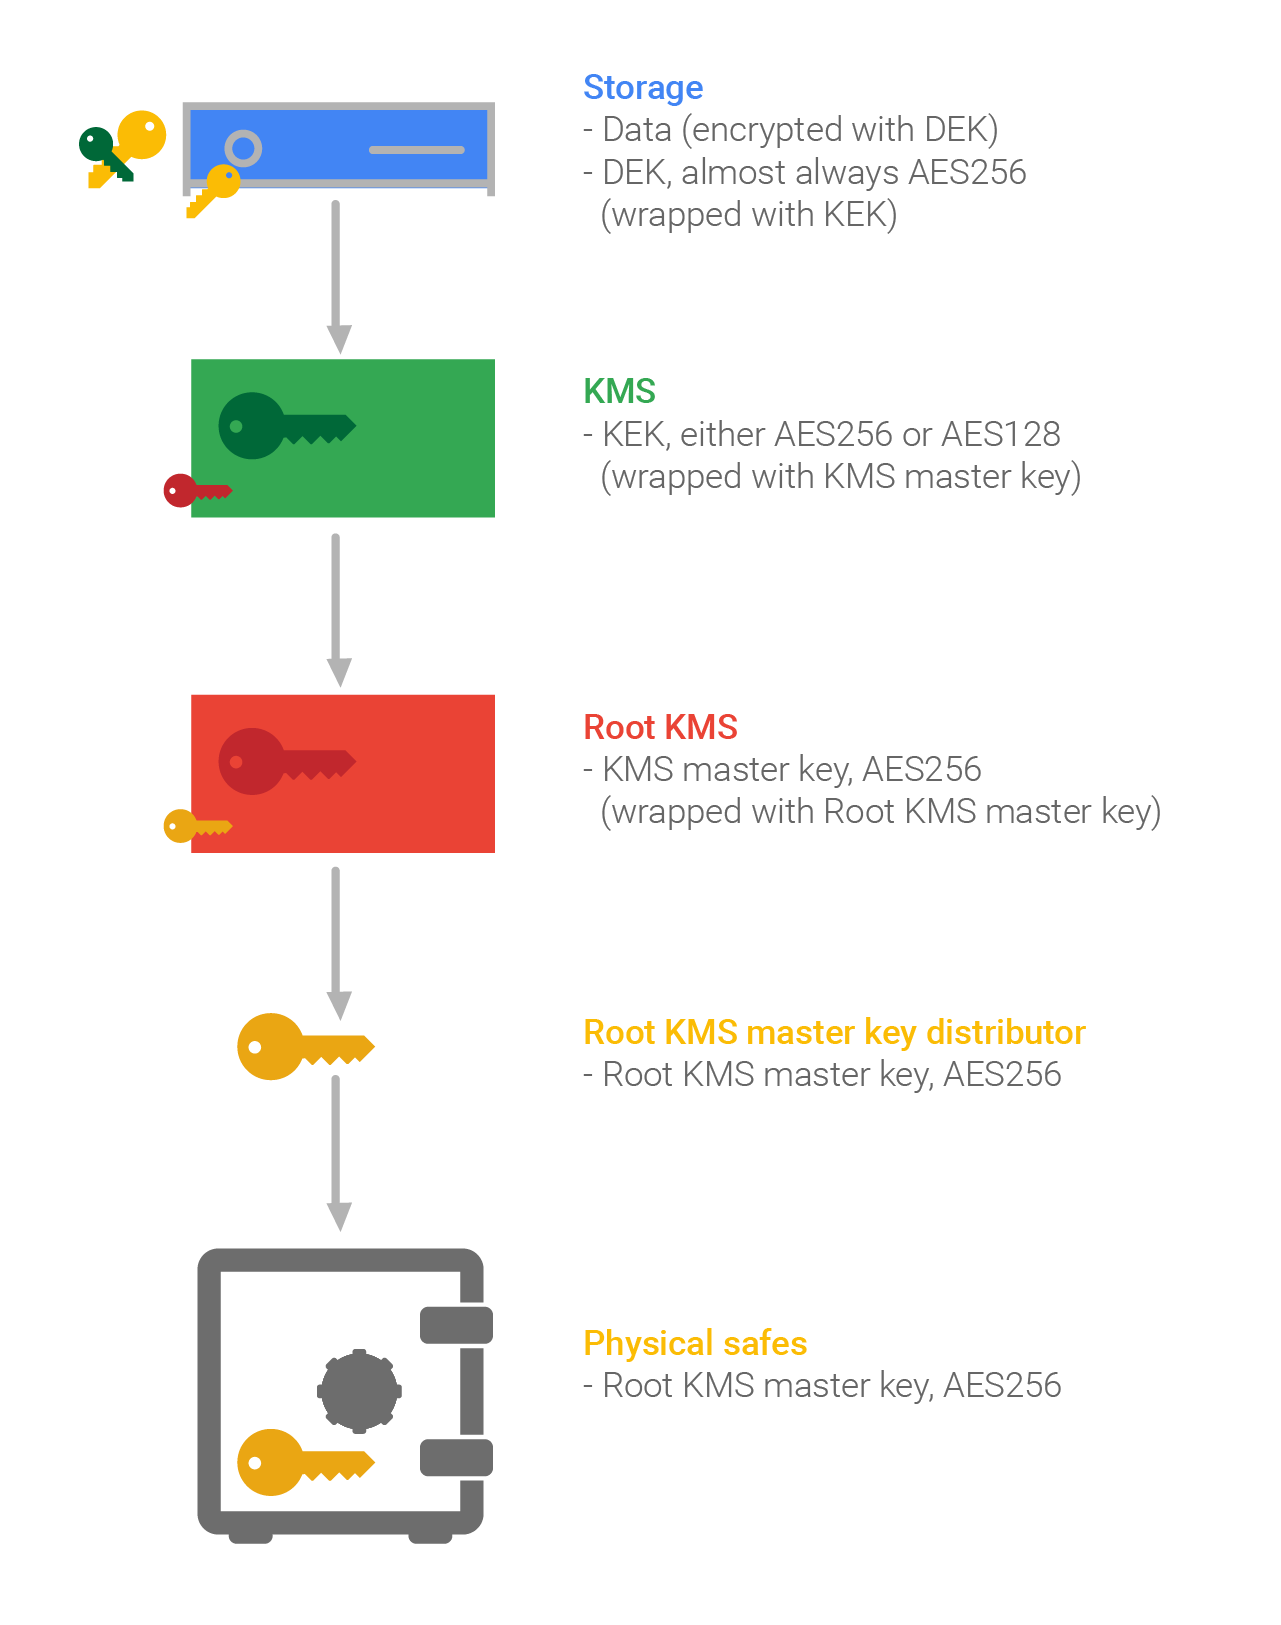 Google의 암호화 계층 구조 다이어그램